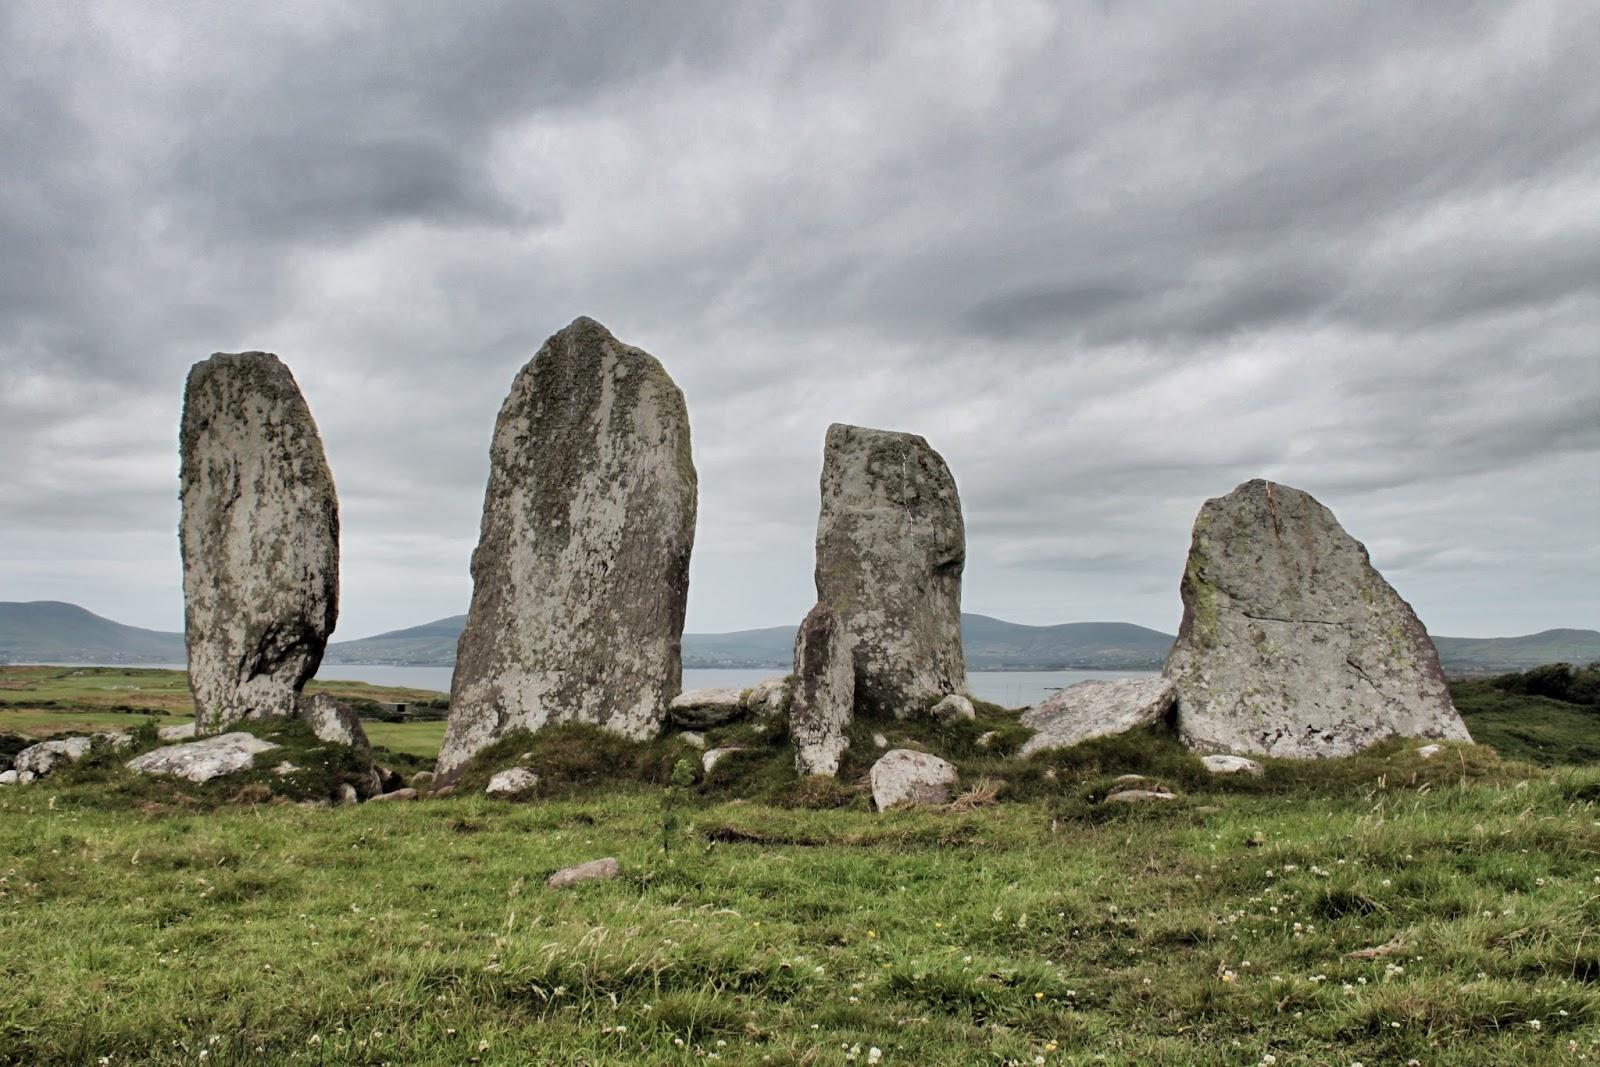 Eightercua stone row, Waterville, Kerry, Ireland